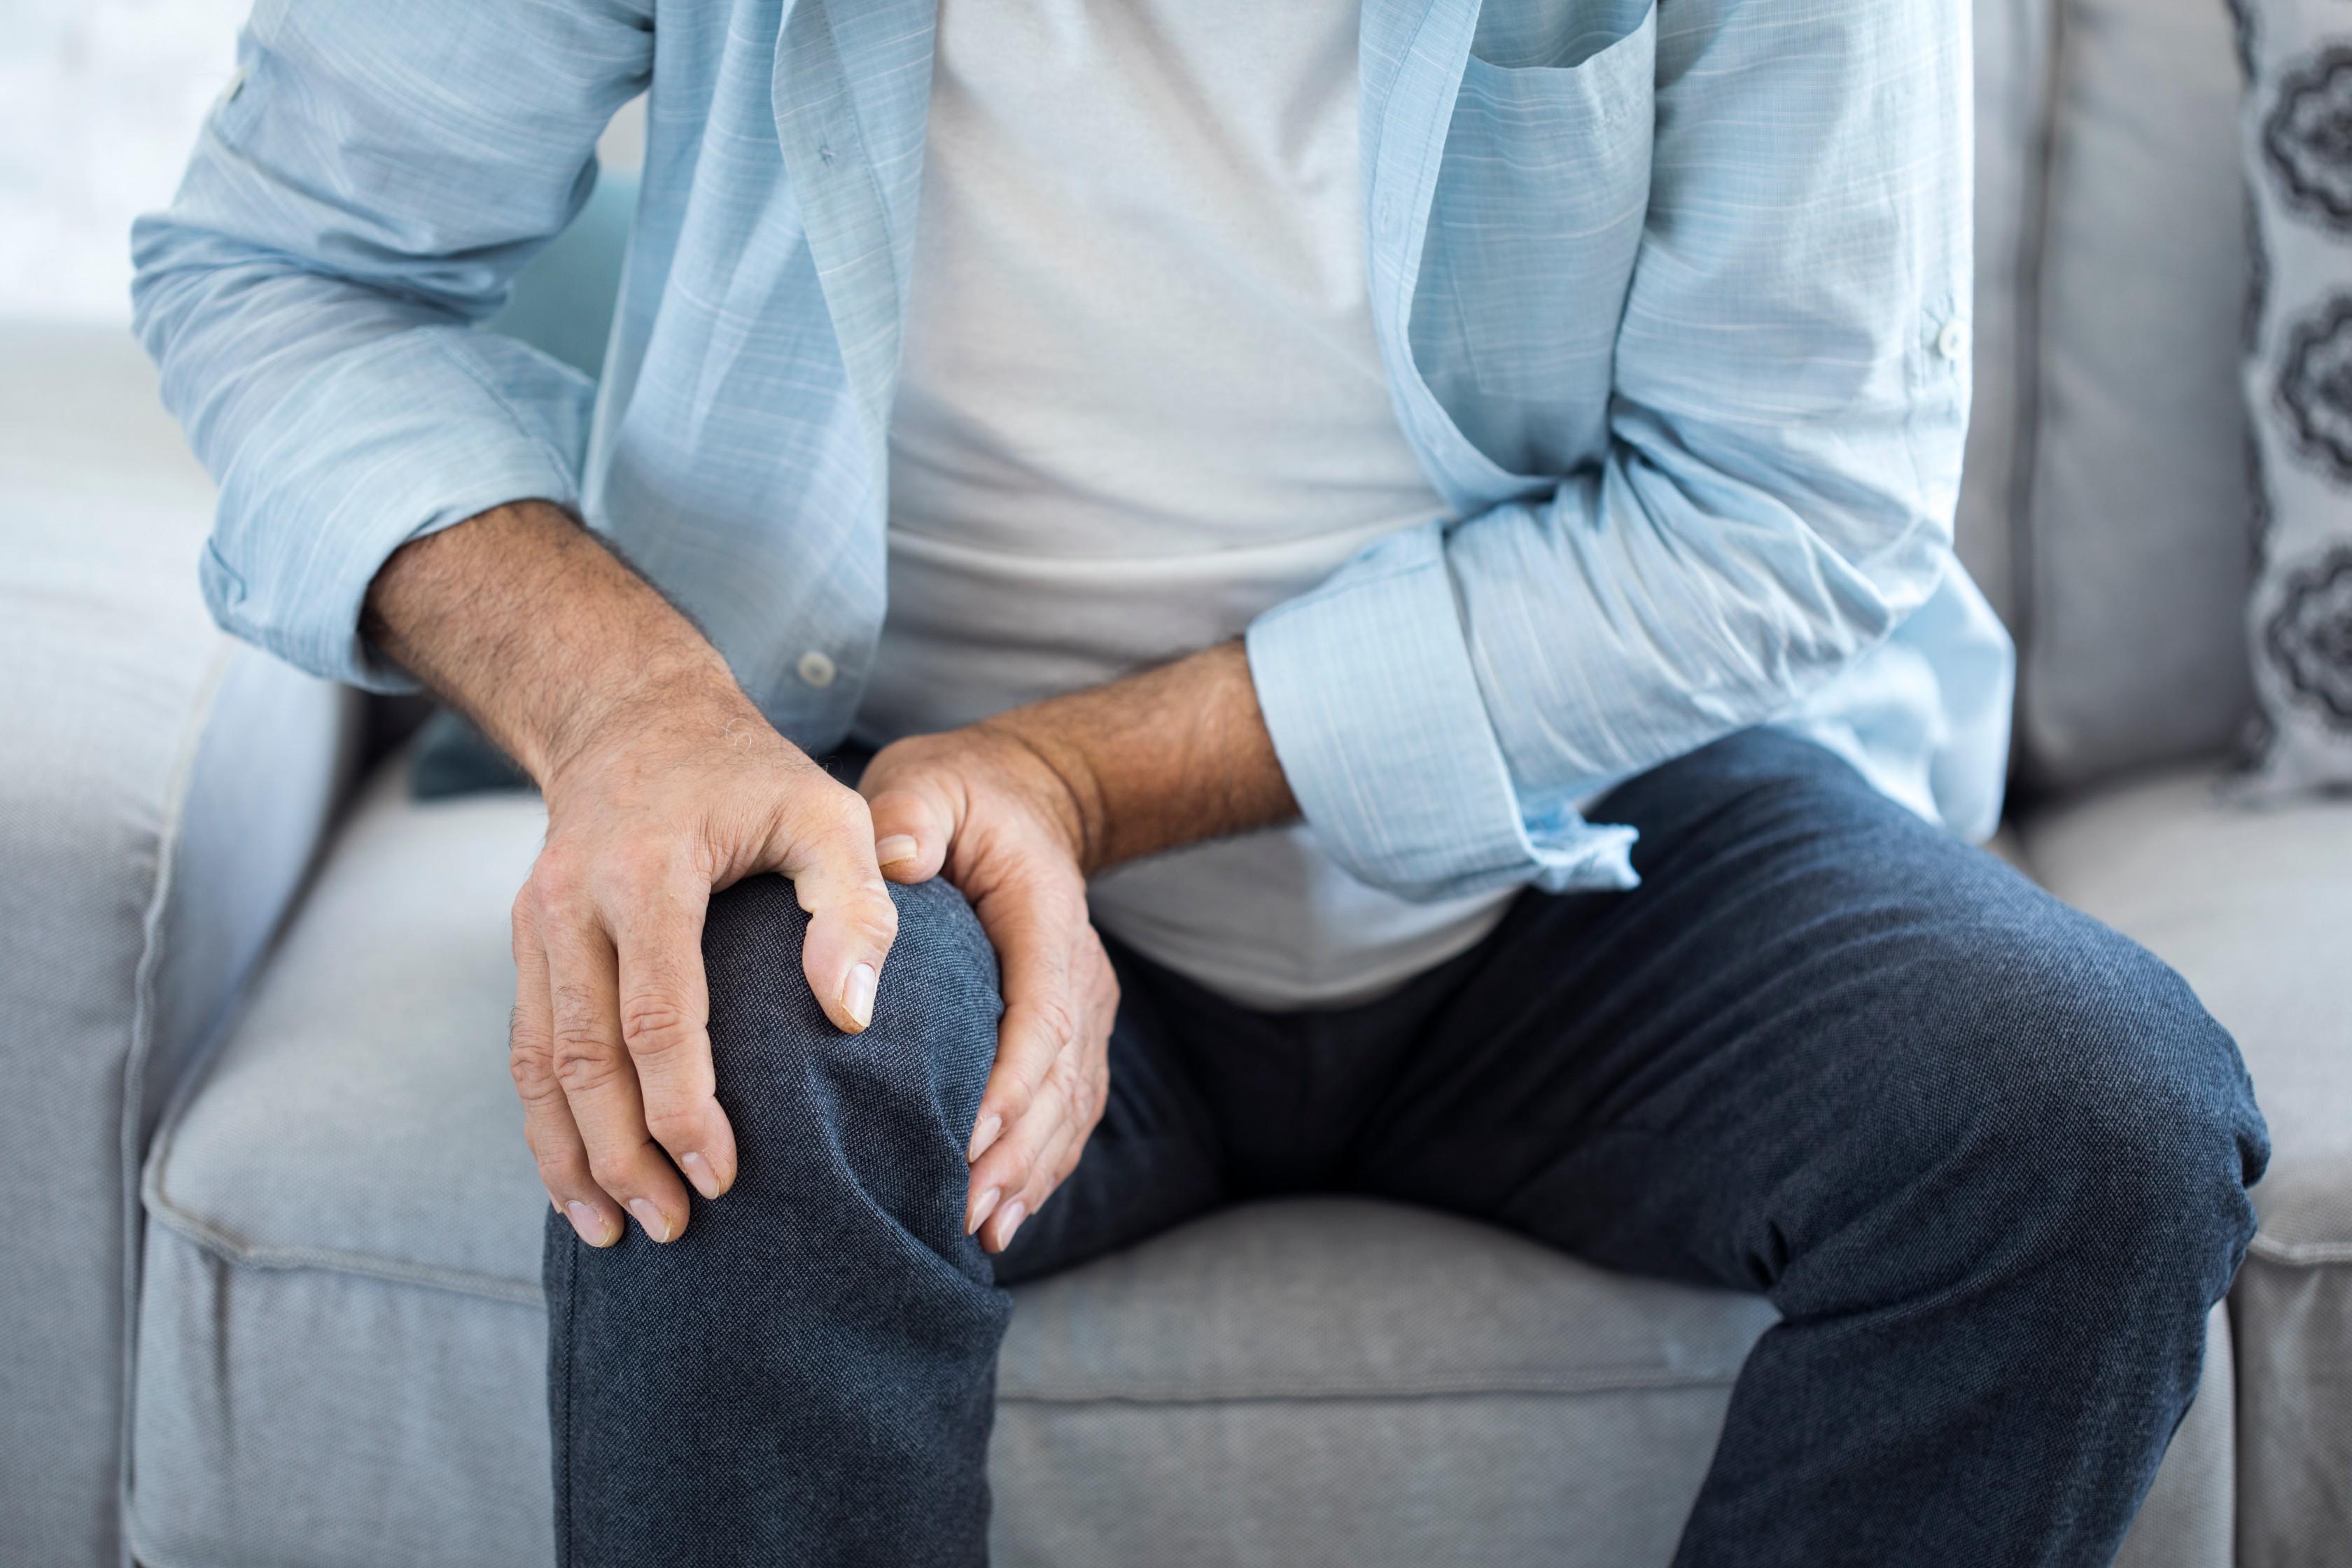 éjszakai izületi fájdalmak ízületi fájdalom súlyos hipotermiával